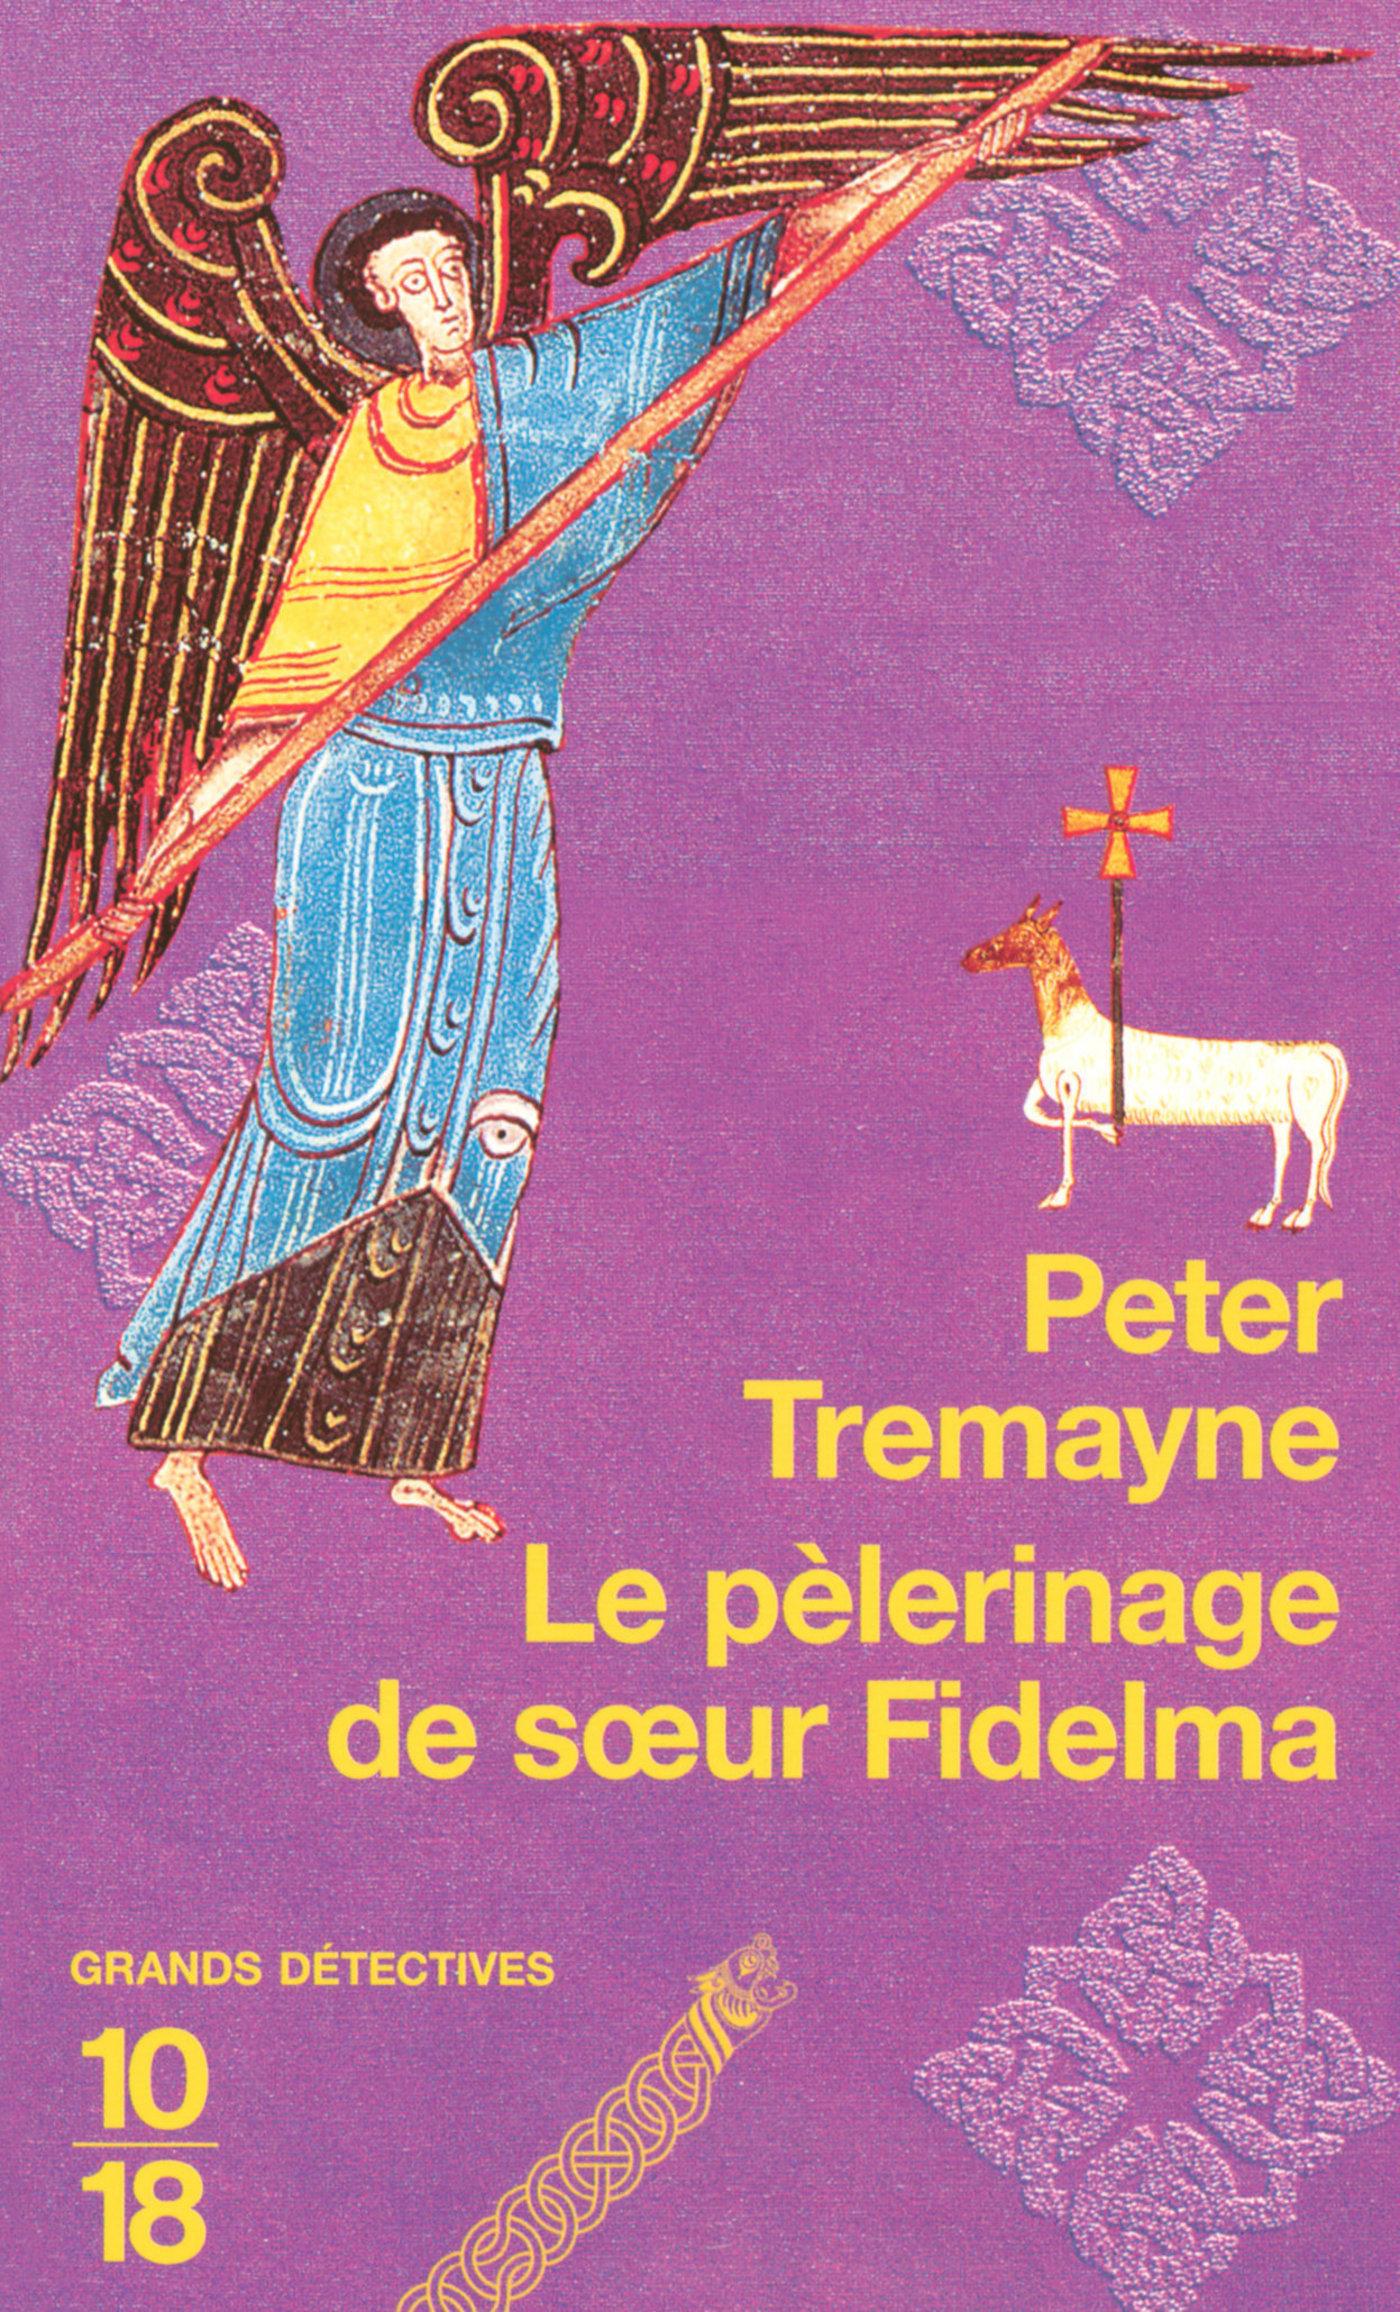 Le pèlerinage de soeur Fidelma